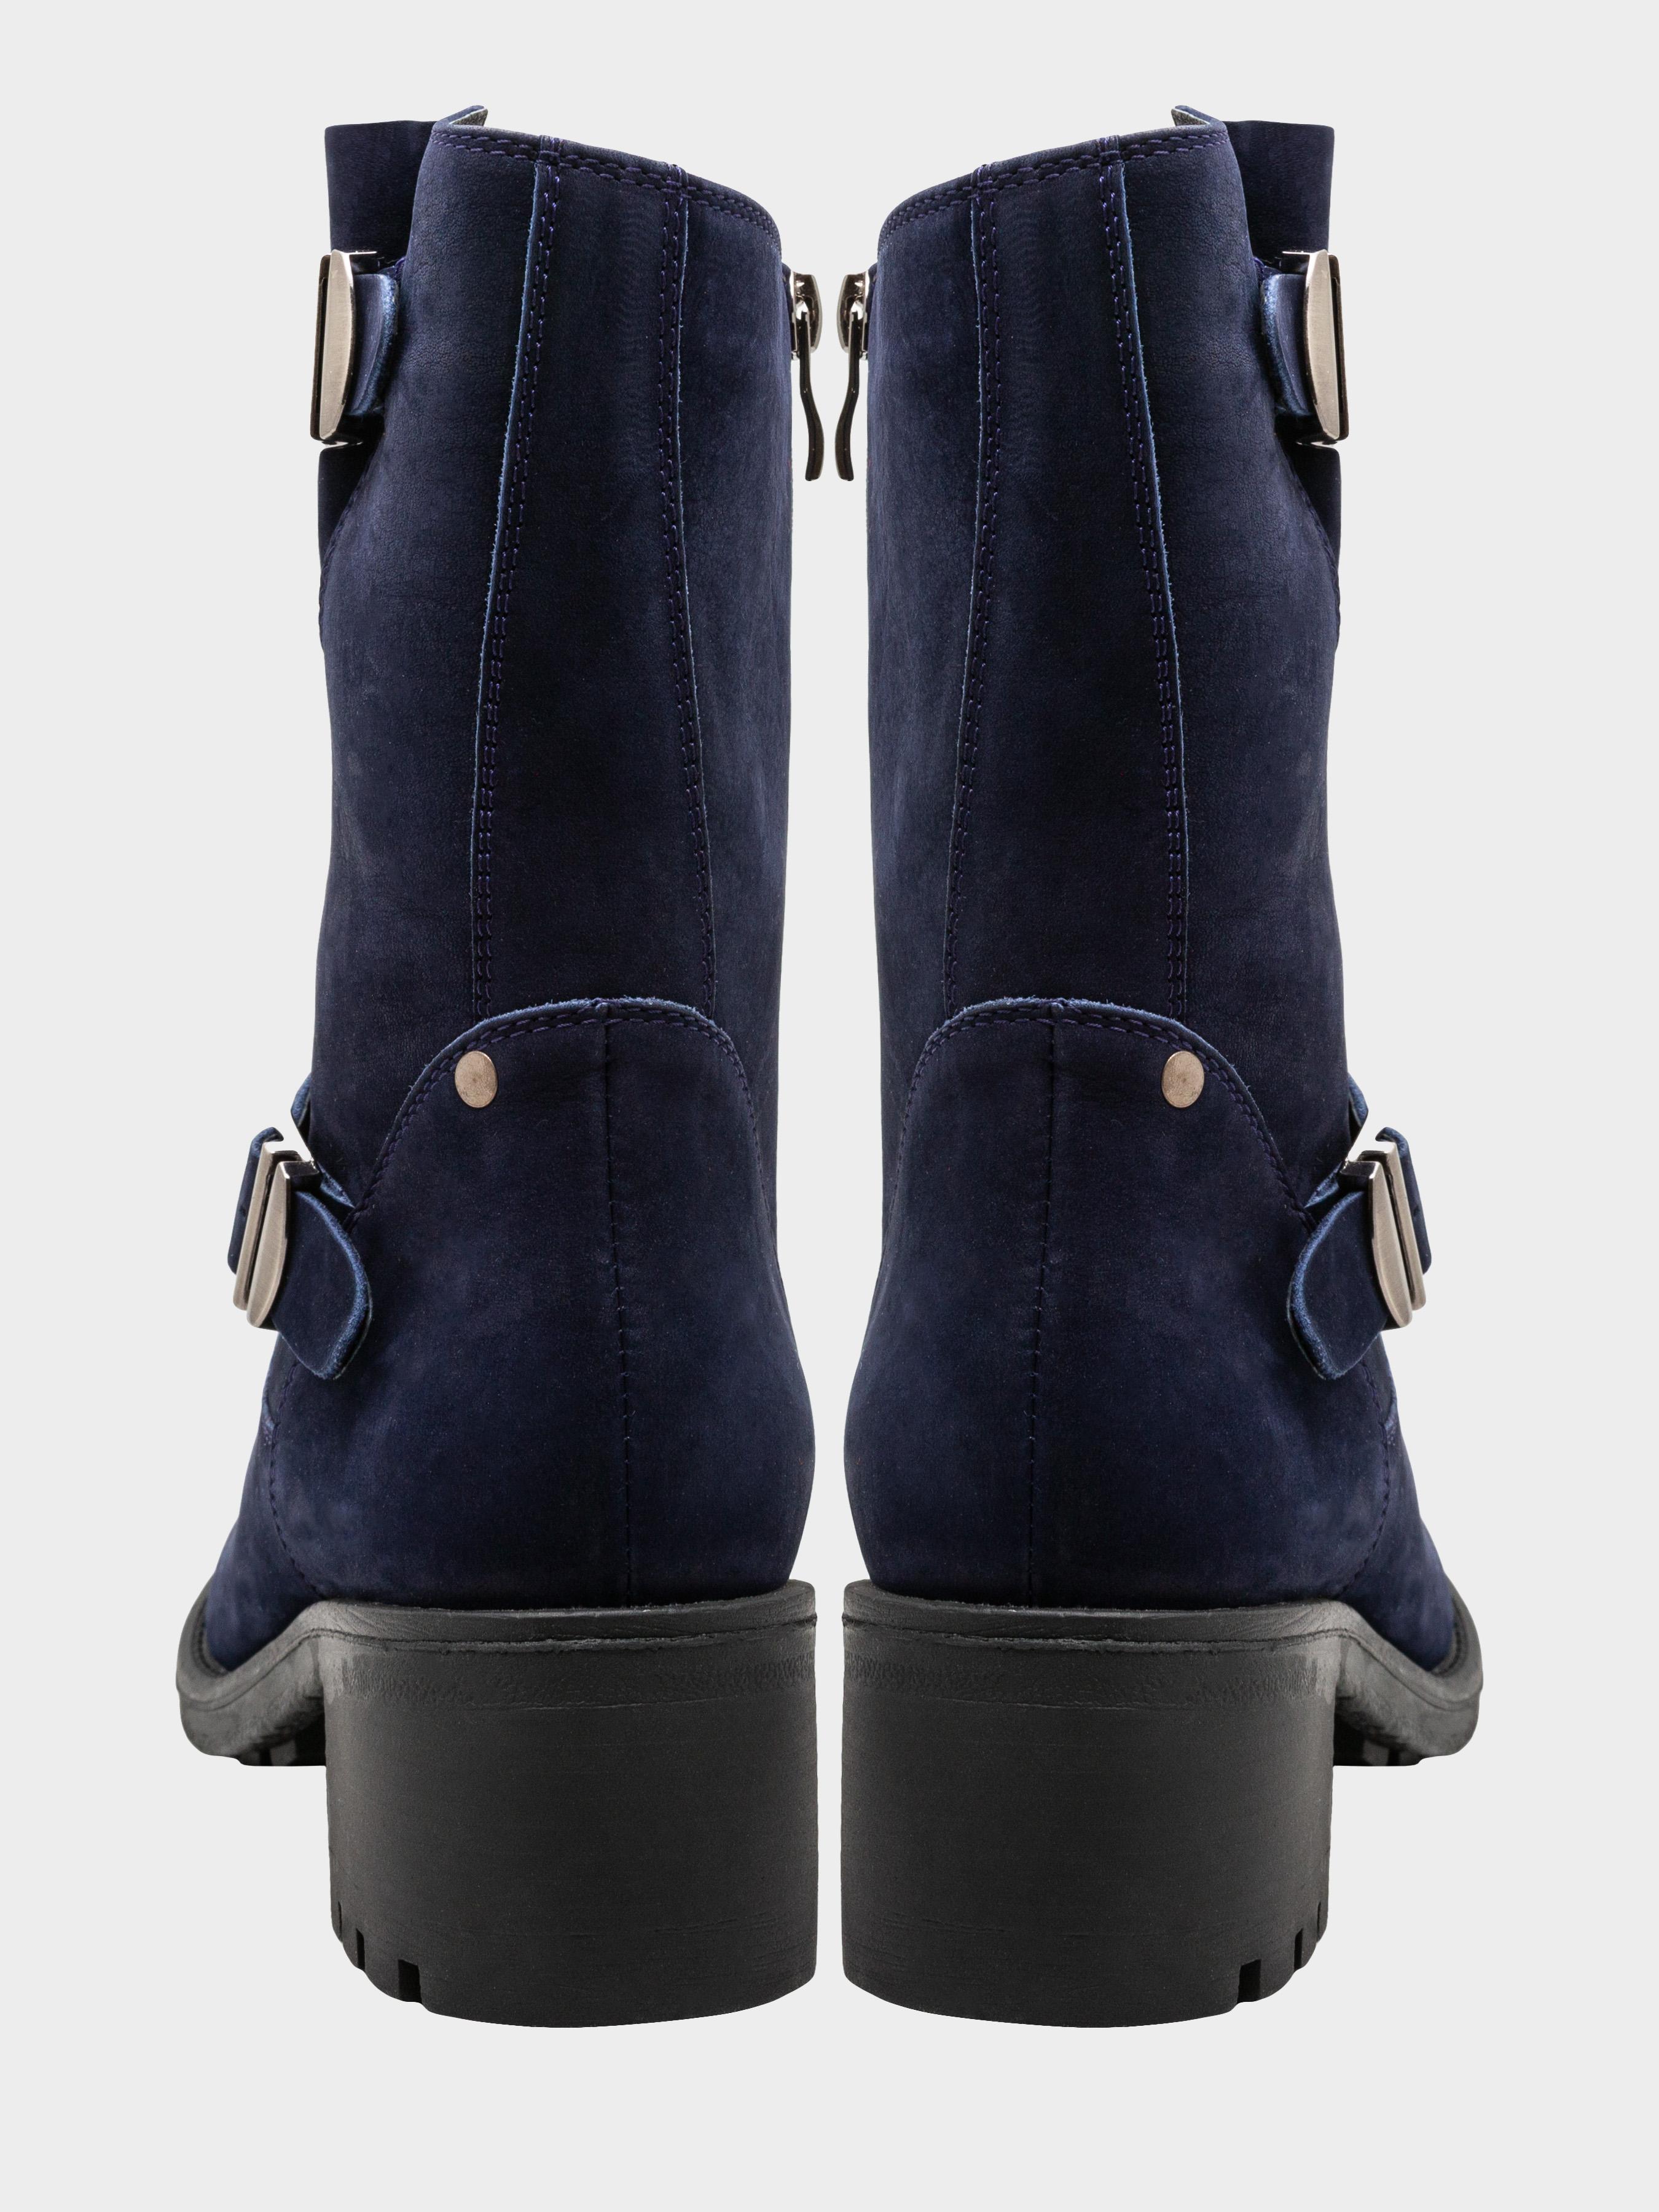 Полусапоги для женщин Сапожки женские ENZO VERRATTI 18-7372-5blu обувь бренда, 2017